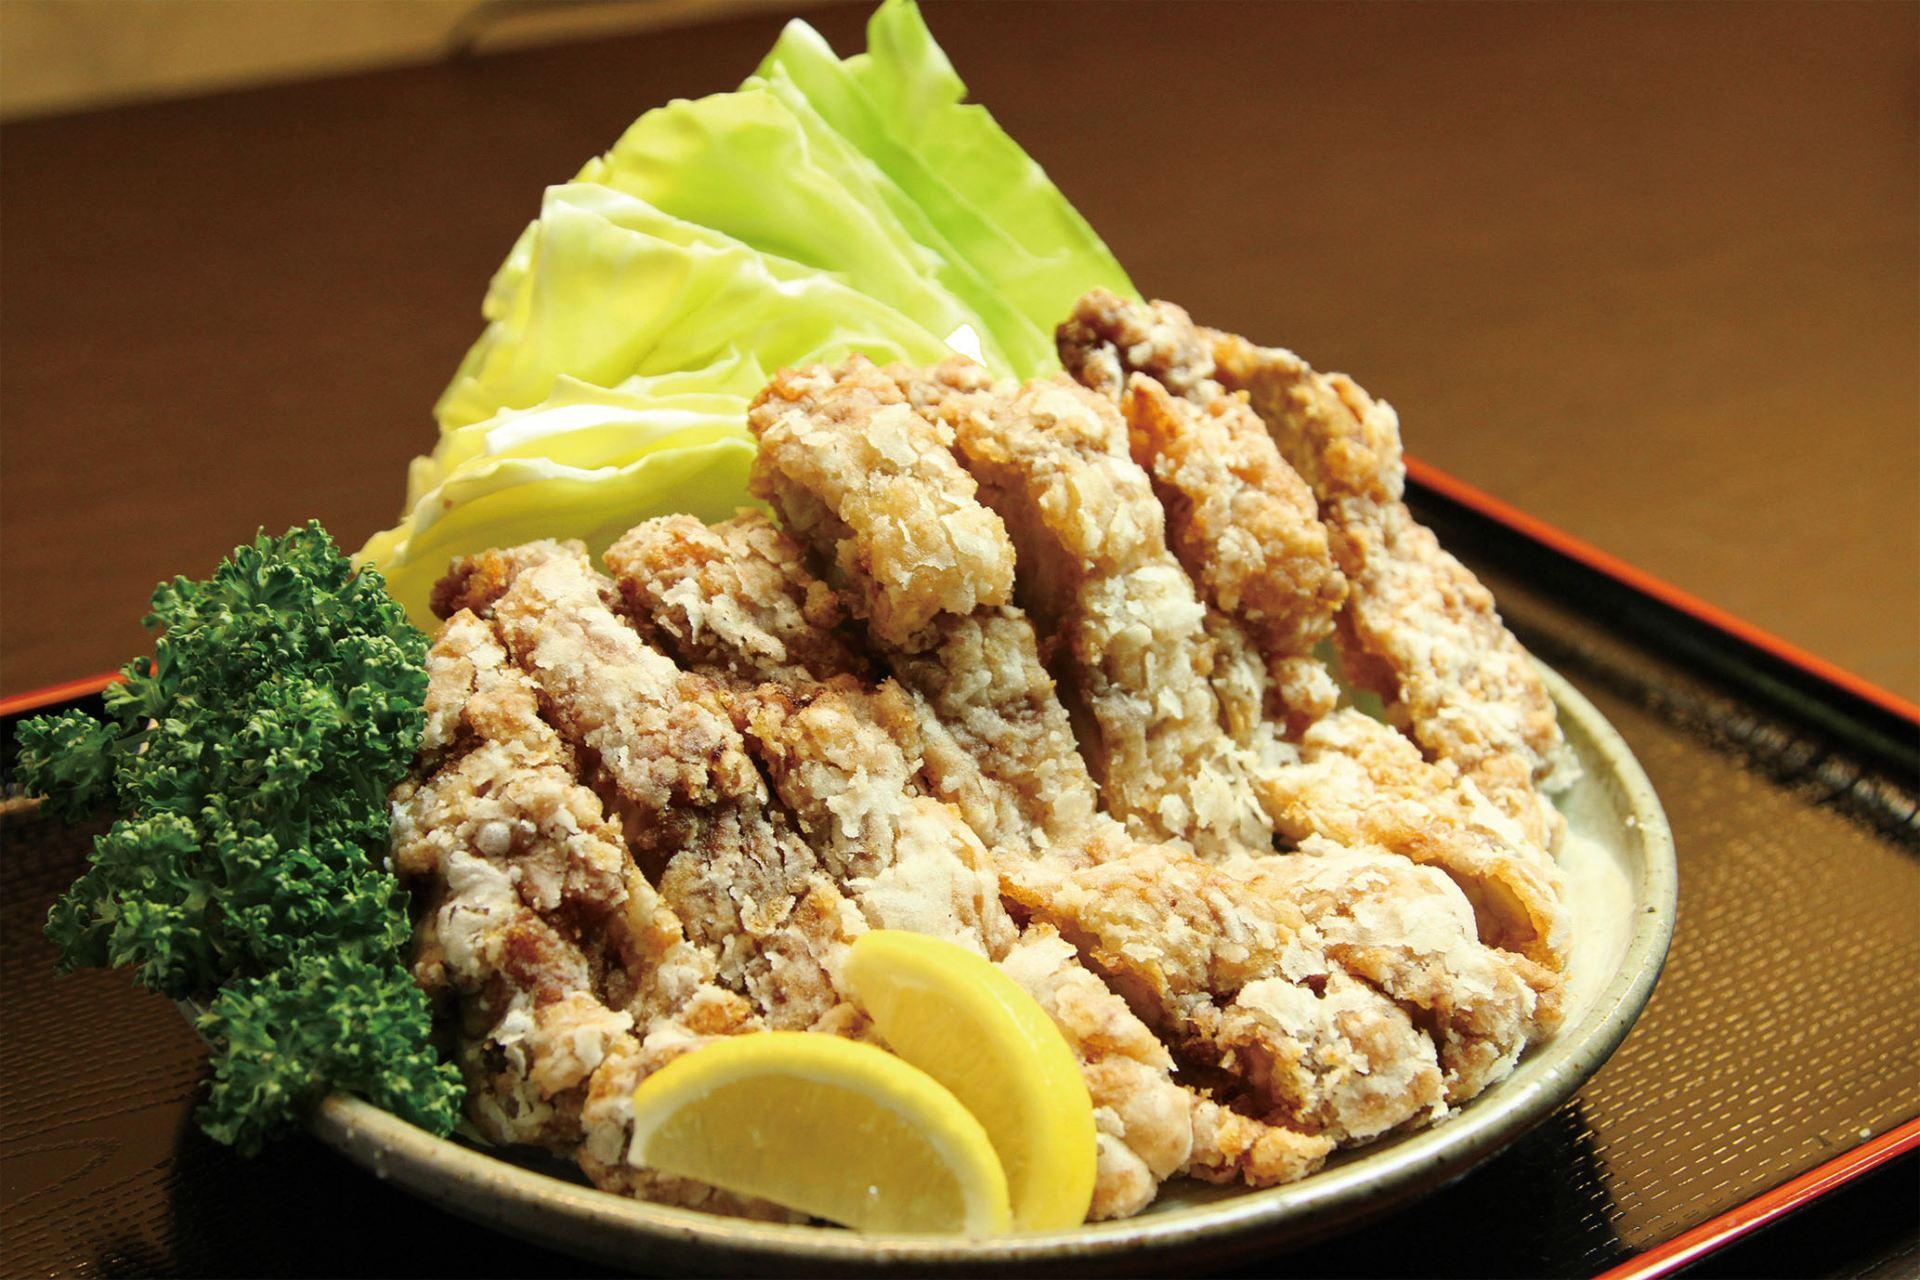 松本的傳統料理「山賊燒」